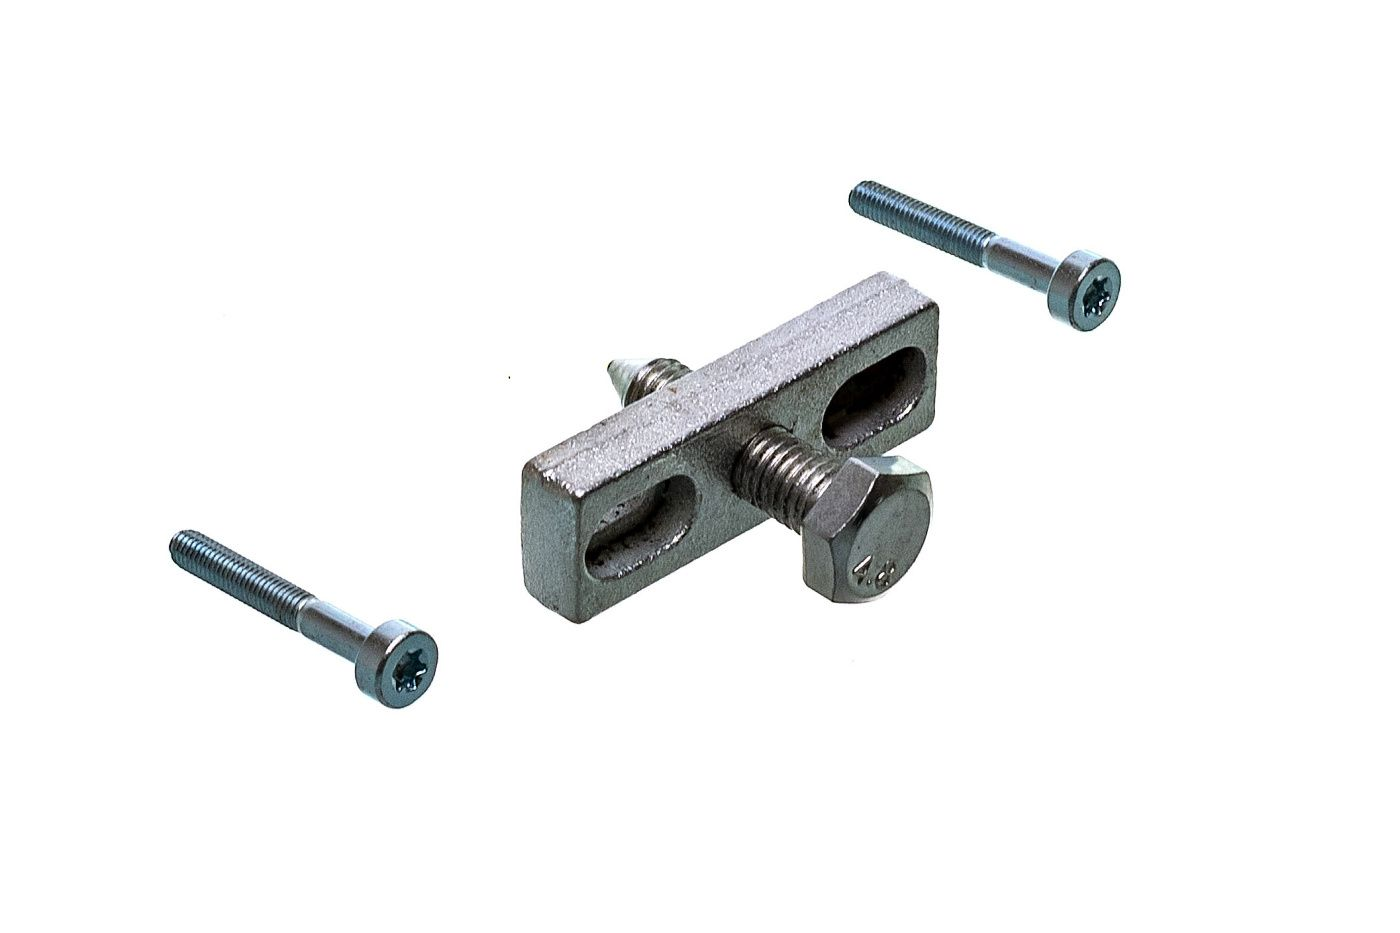 Stahovák ventilátoru Stihl MS311 MS391 MS361 MS362 MS382 MS442 (5910 890 4504)